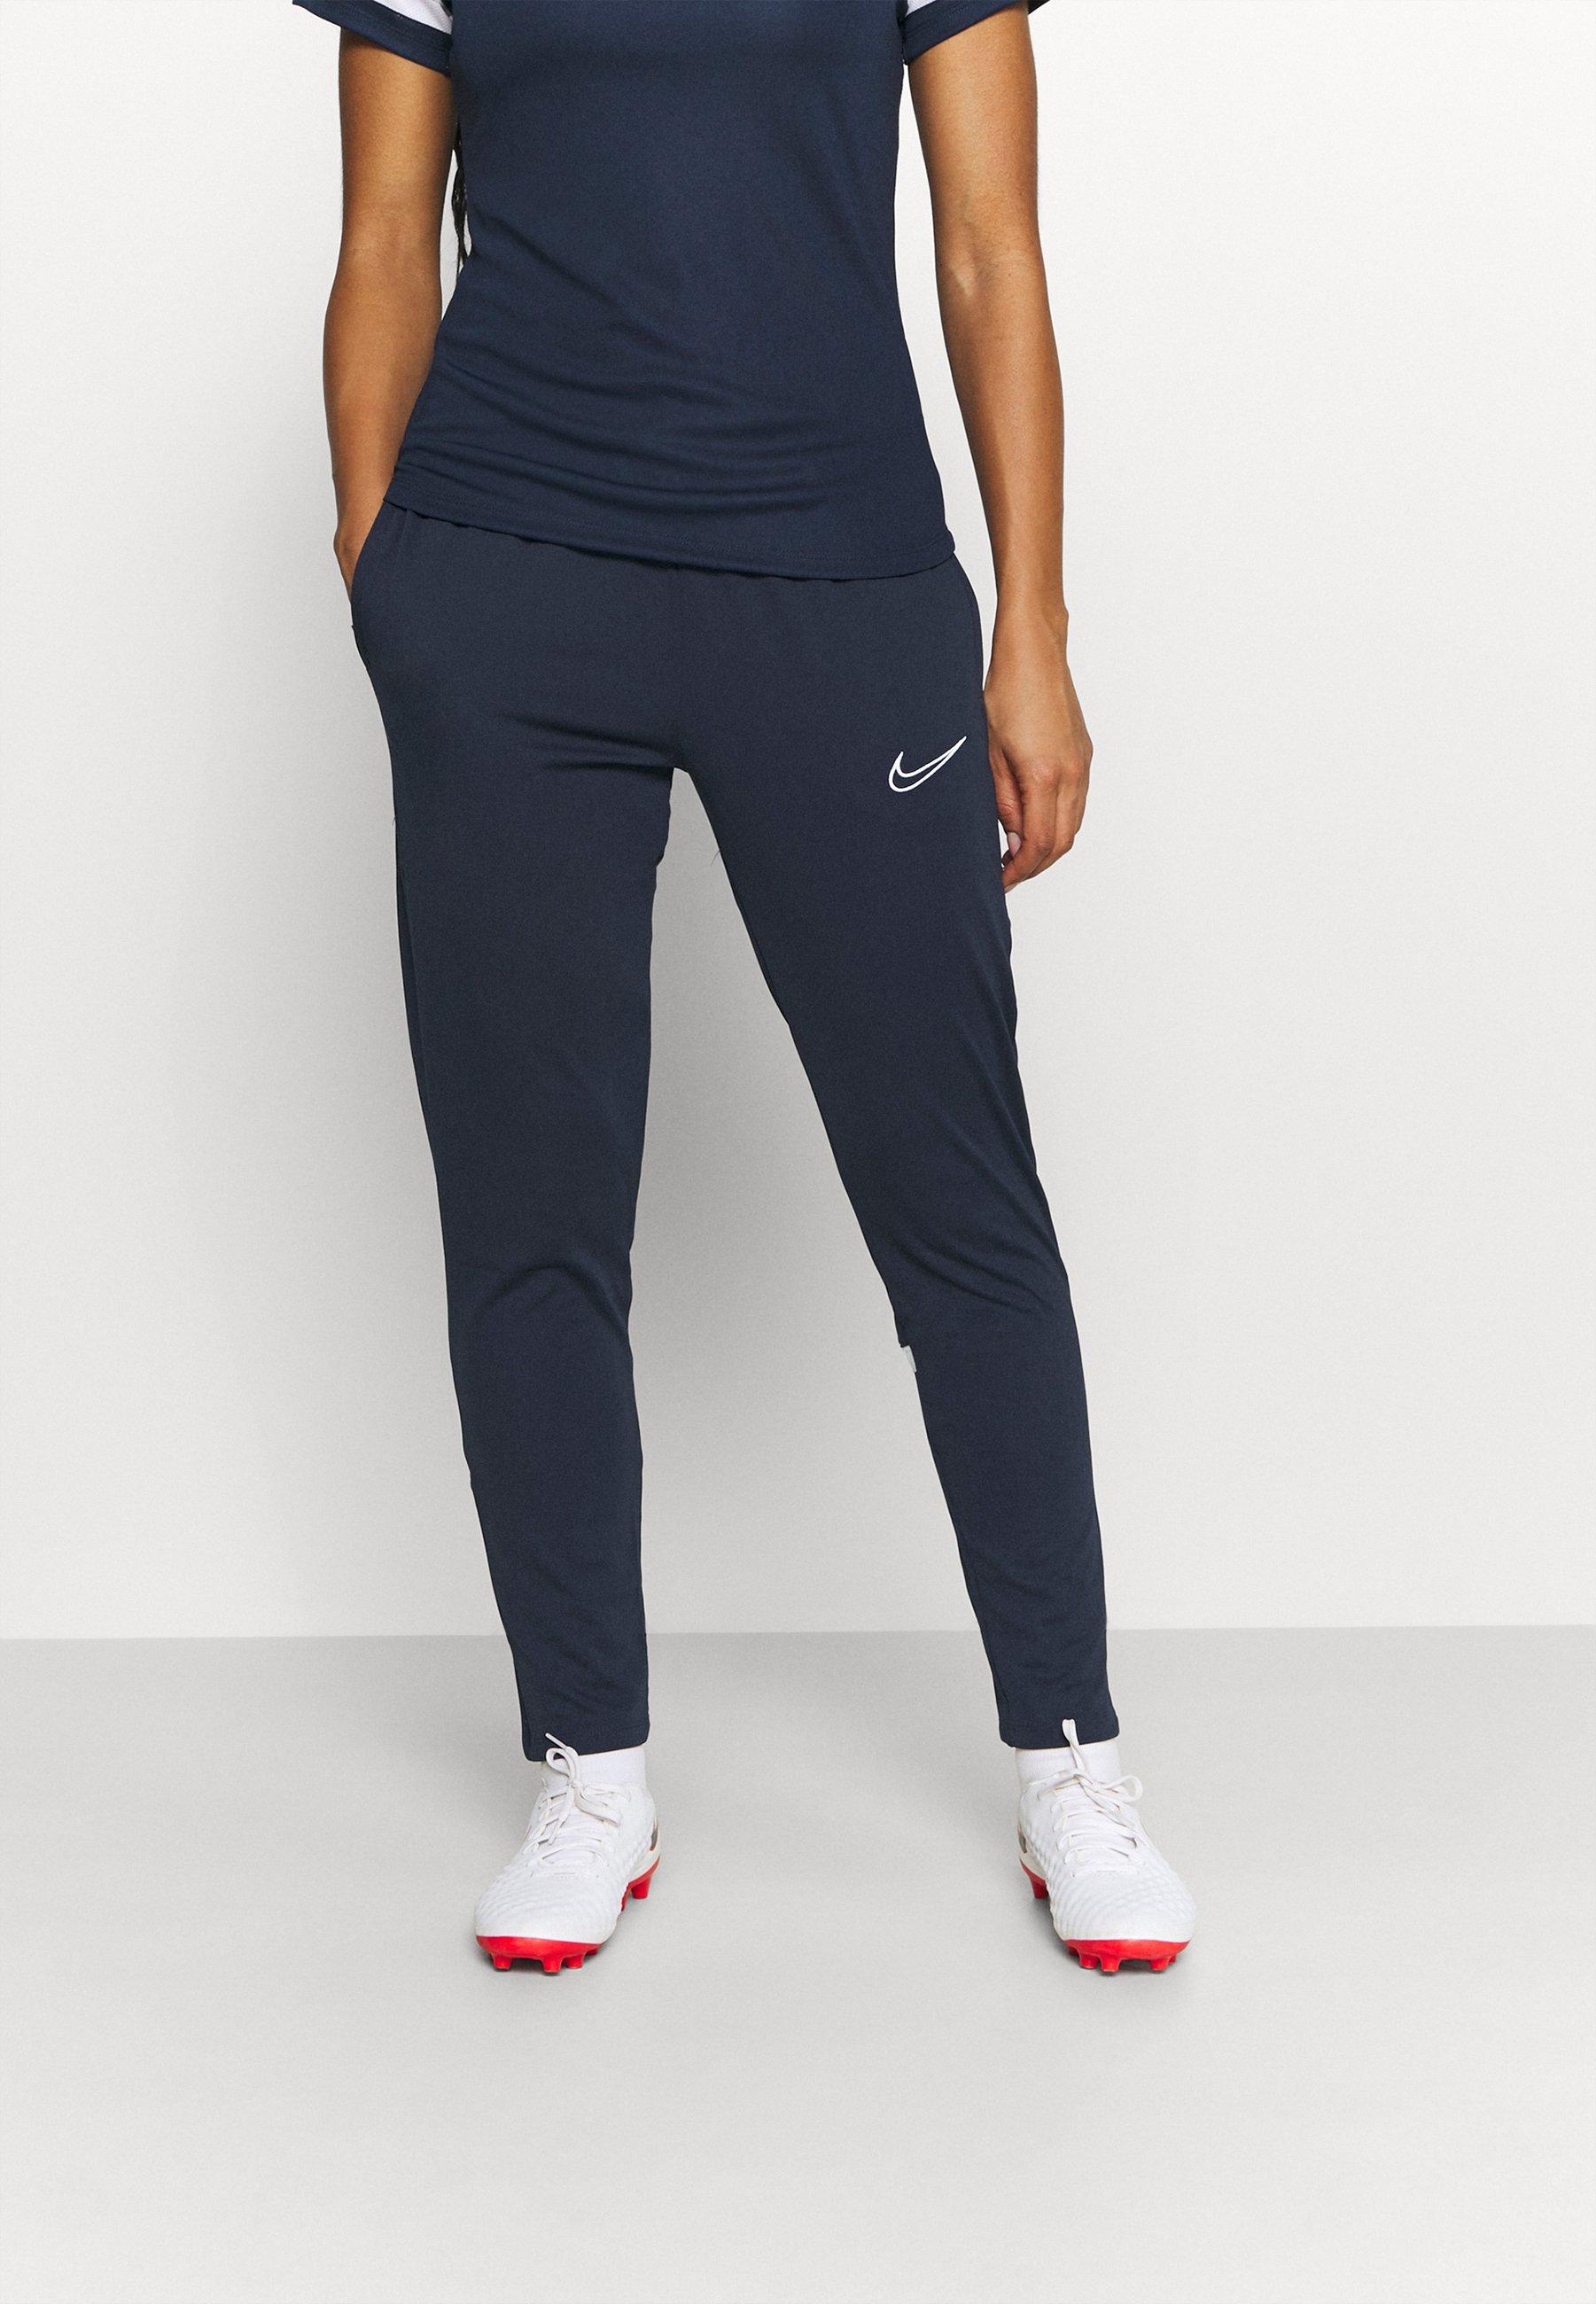 Femme ACADEMY 21 PANT - Pantalon de survêtement